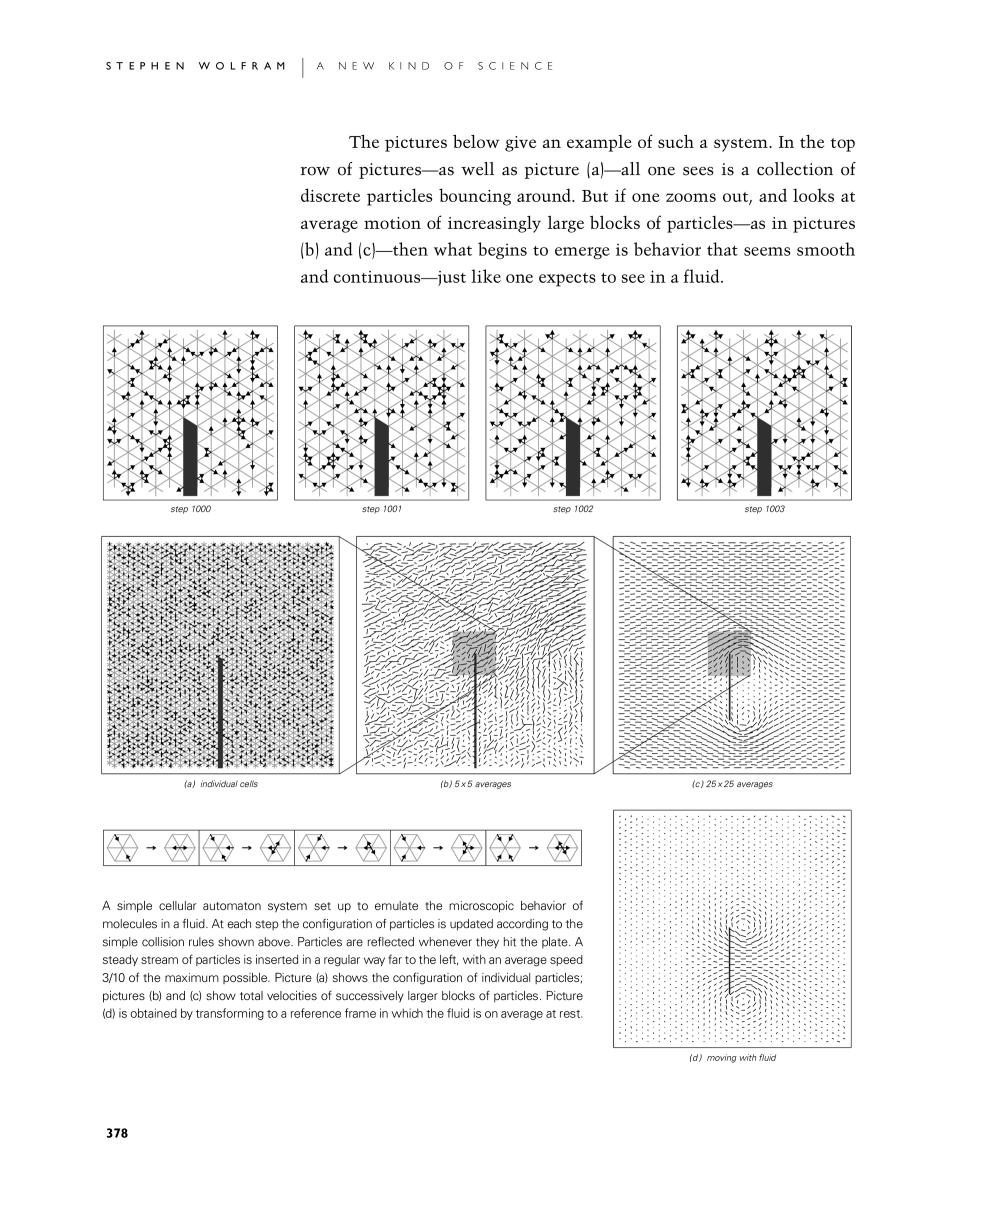 image-xlarge